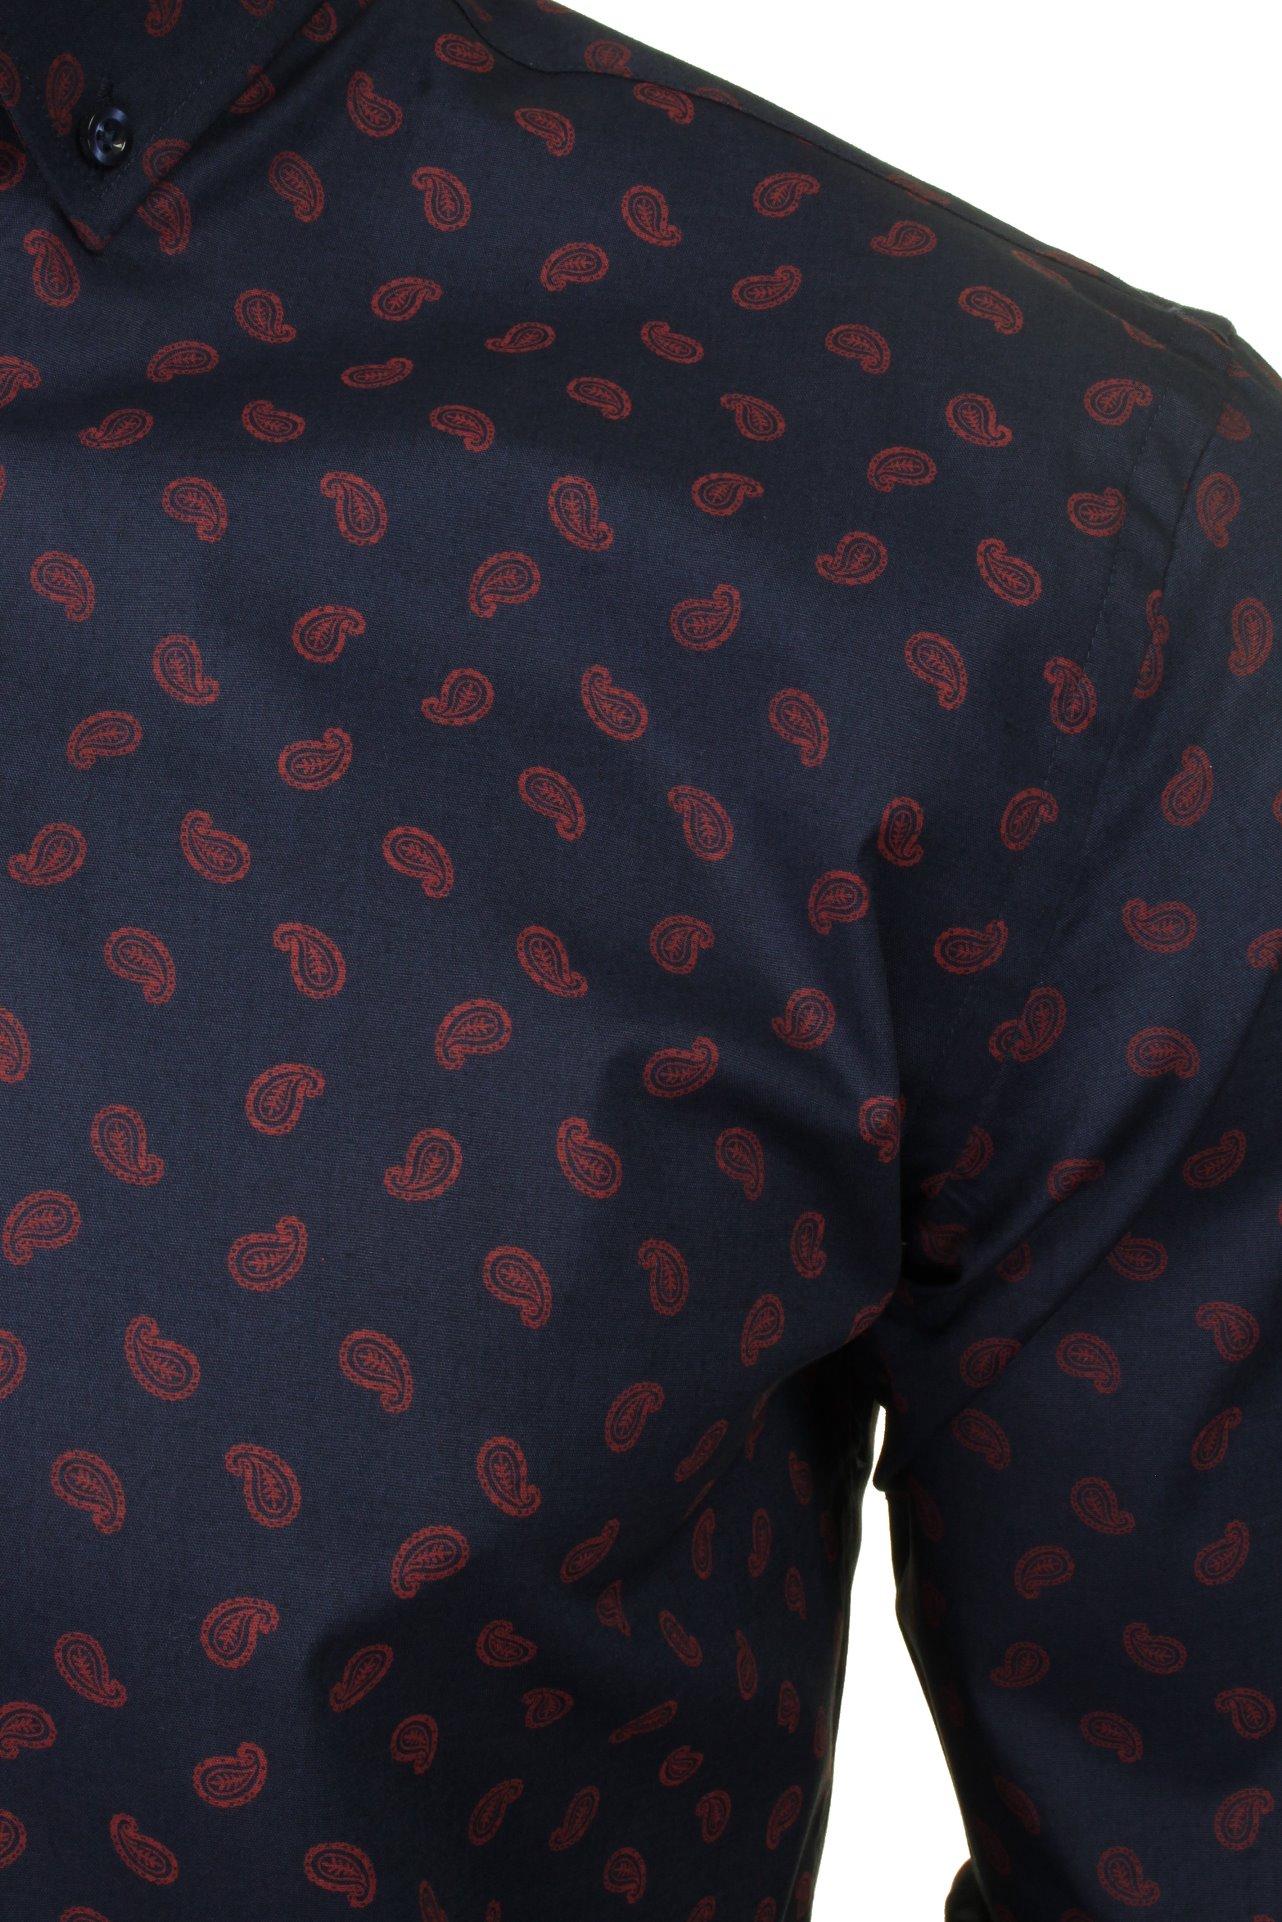 Xact-Mens-Long-Sleeved-Paisley-Shirt-Slim-Fit thumbnail 22